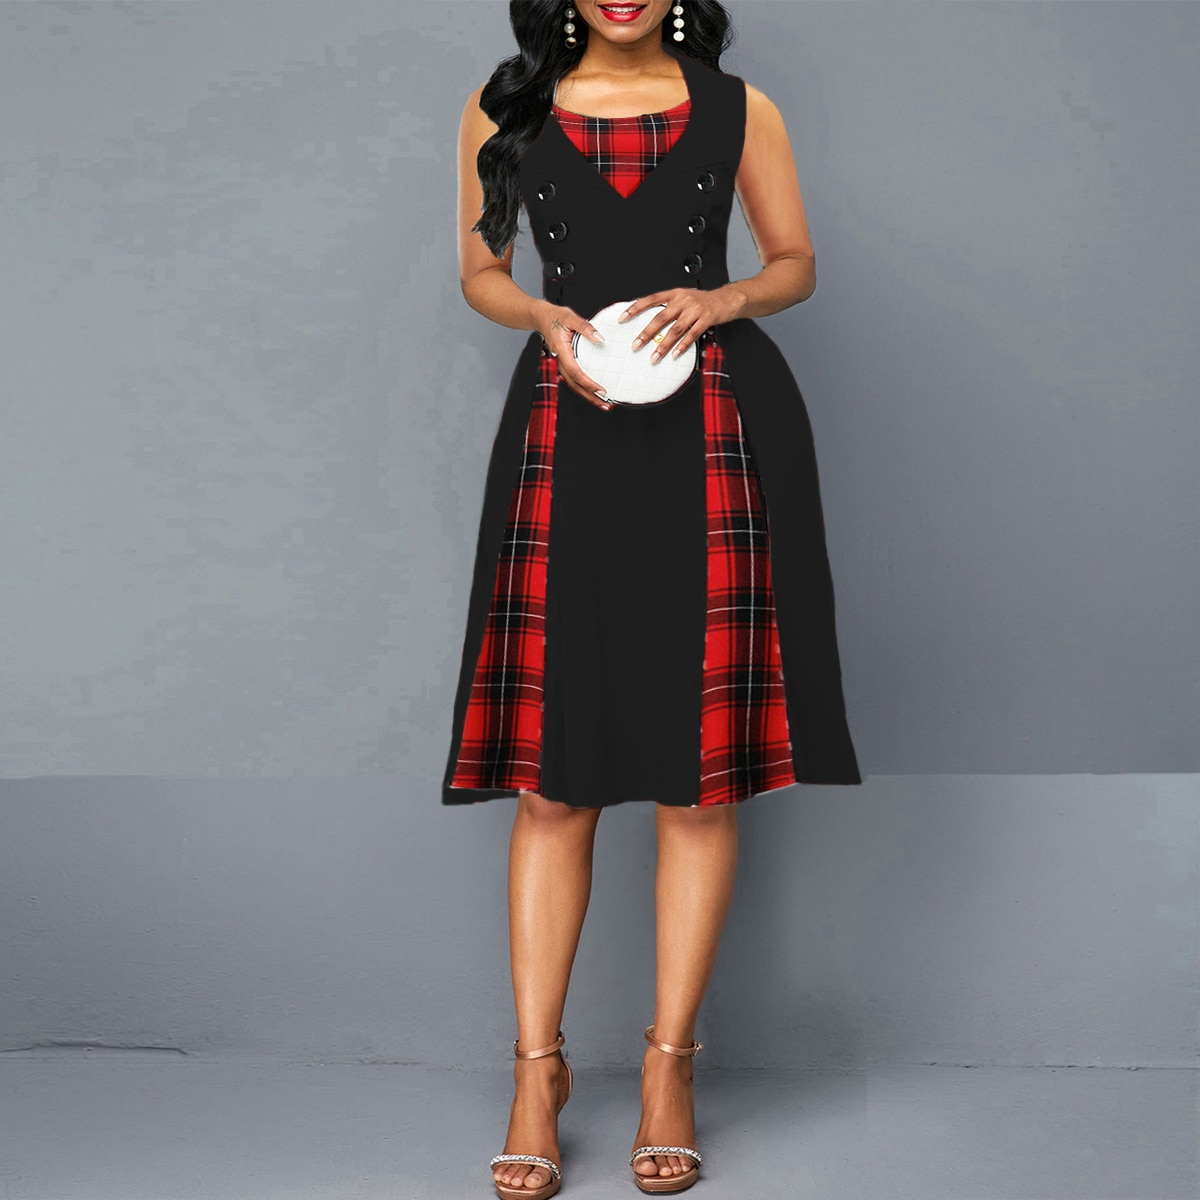 OTEN 2020 النساء حجم كبير الترتان اللباس الصيف الستر خمر أكمام الأحمر منقوشة طباعة زر روكبيلي حزب مثير دبوس حتى اللباس